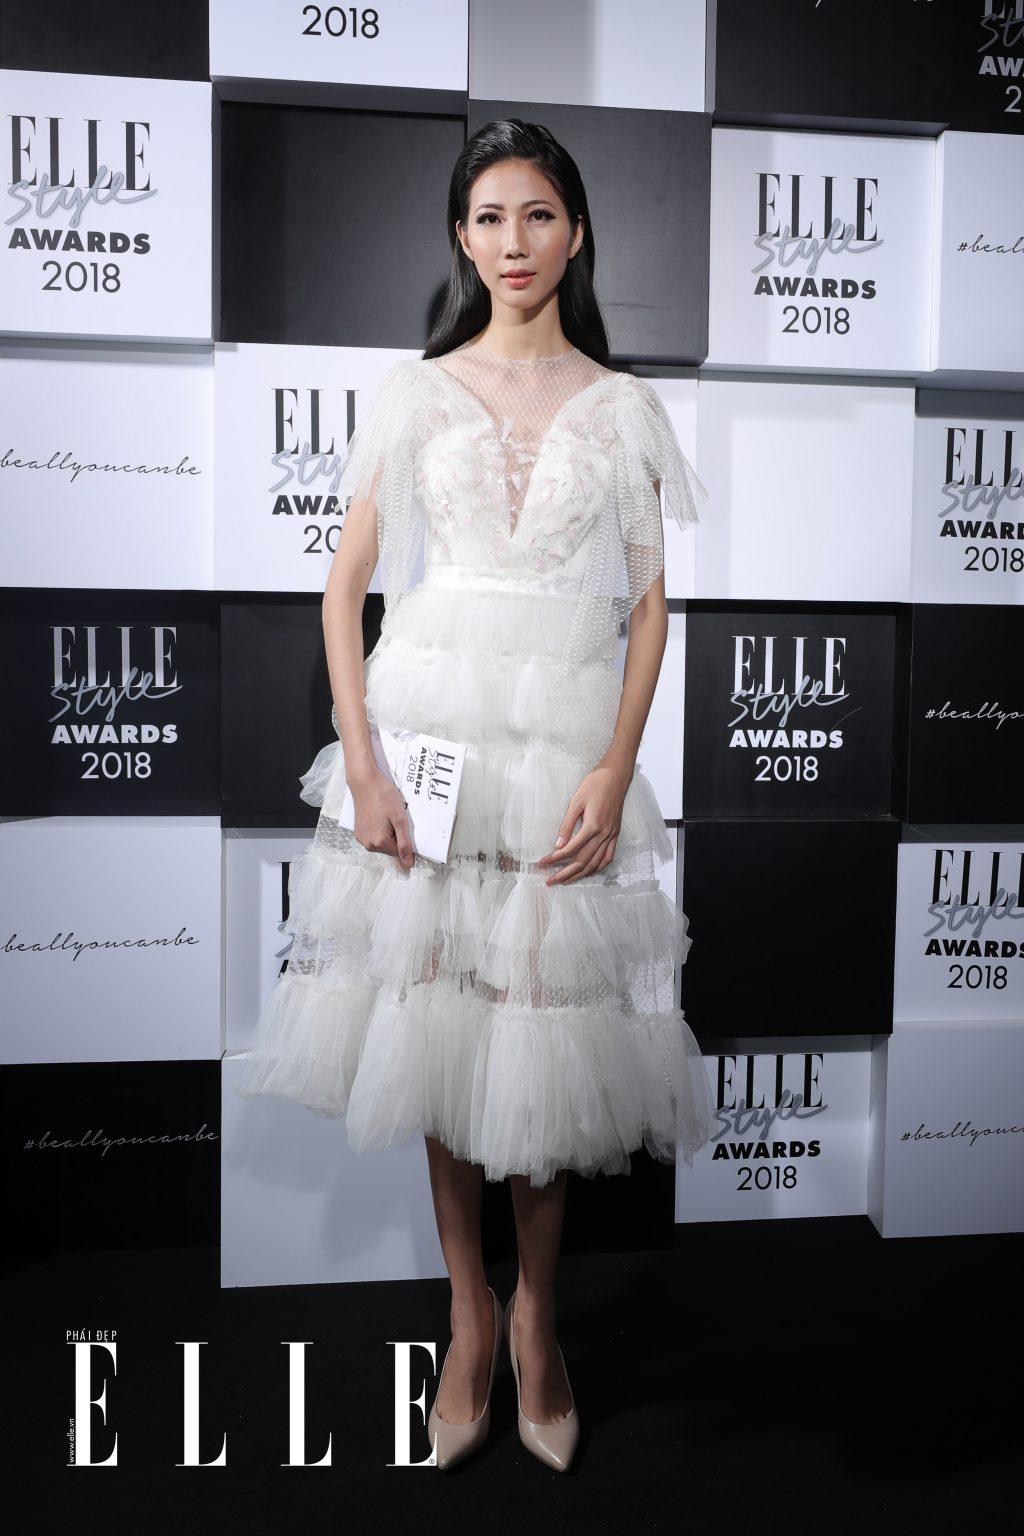 ELLE Style Awards 2018 Cao Ngan